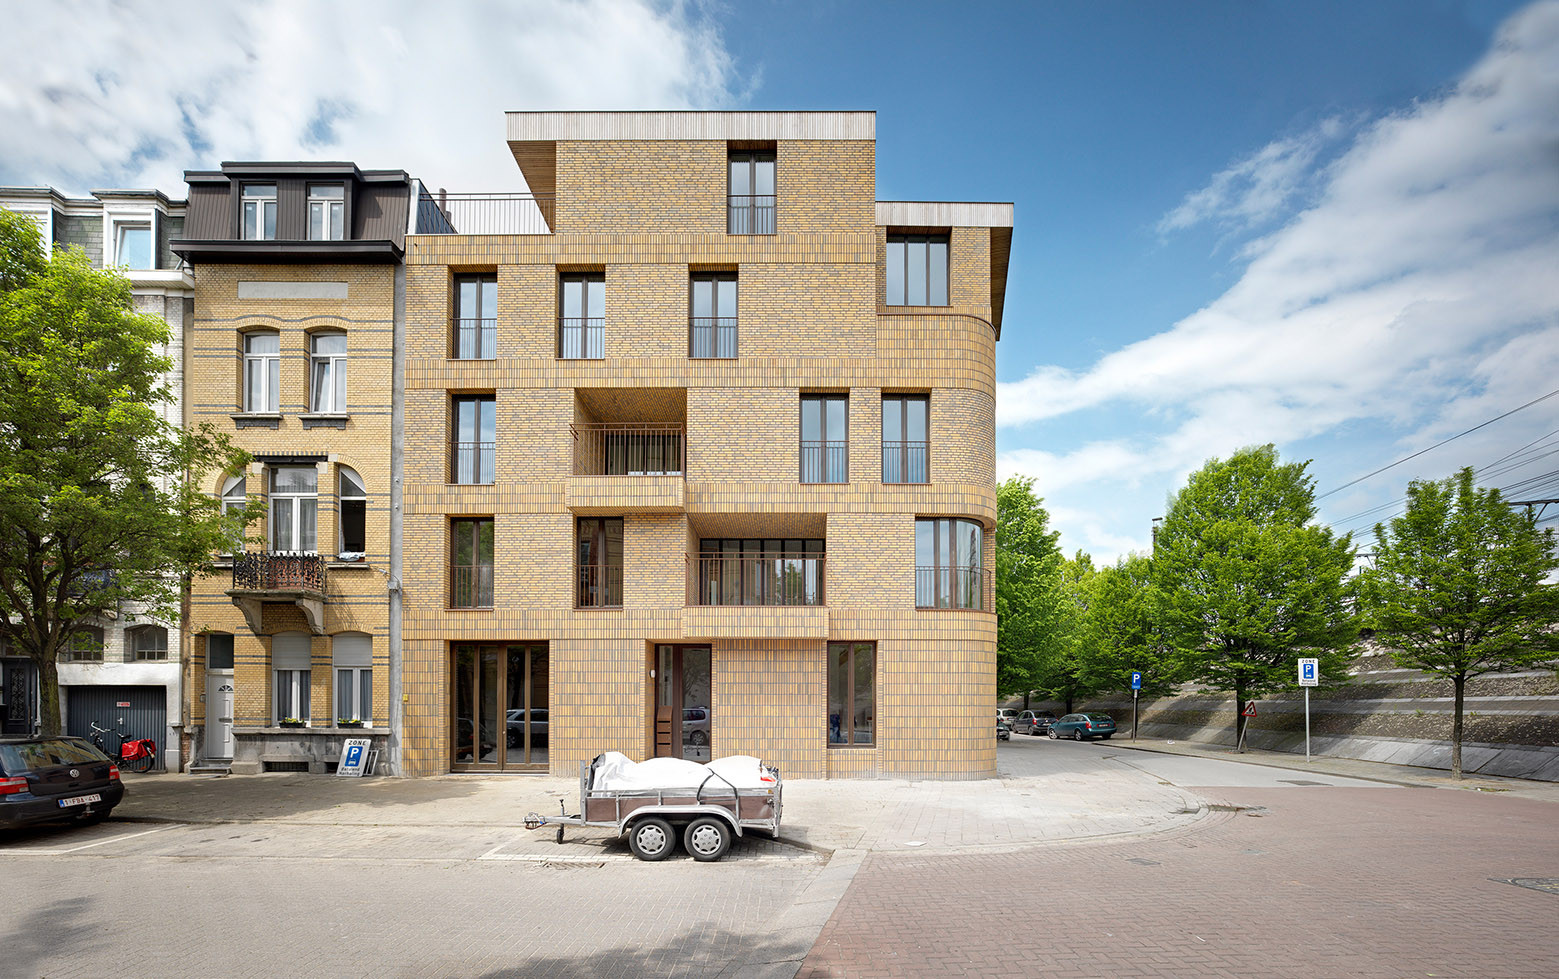 Vivienda colectiva AGVC / De Gouden Liniaal Architecten, © Bart Gosselin